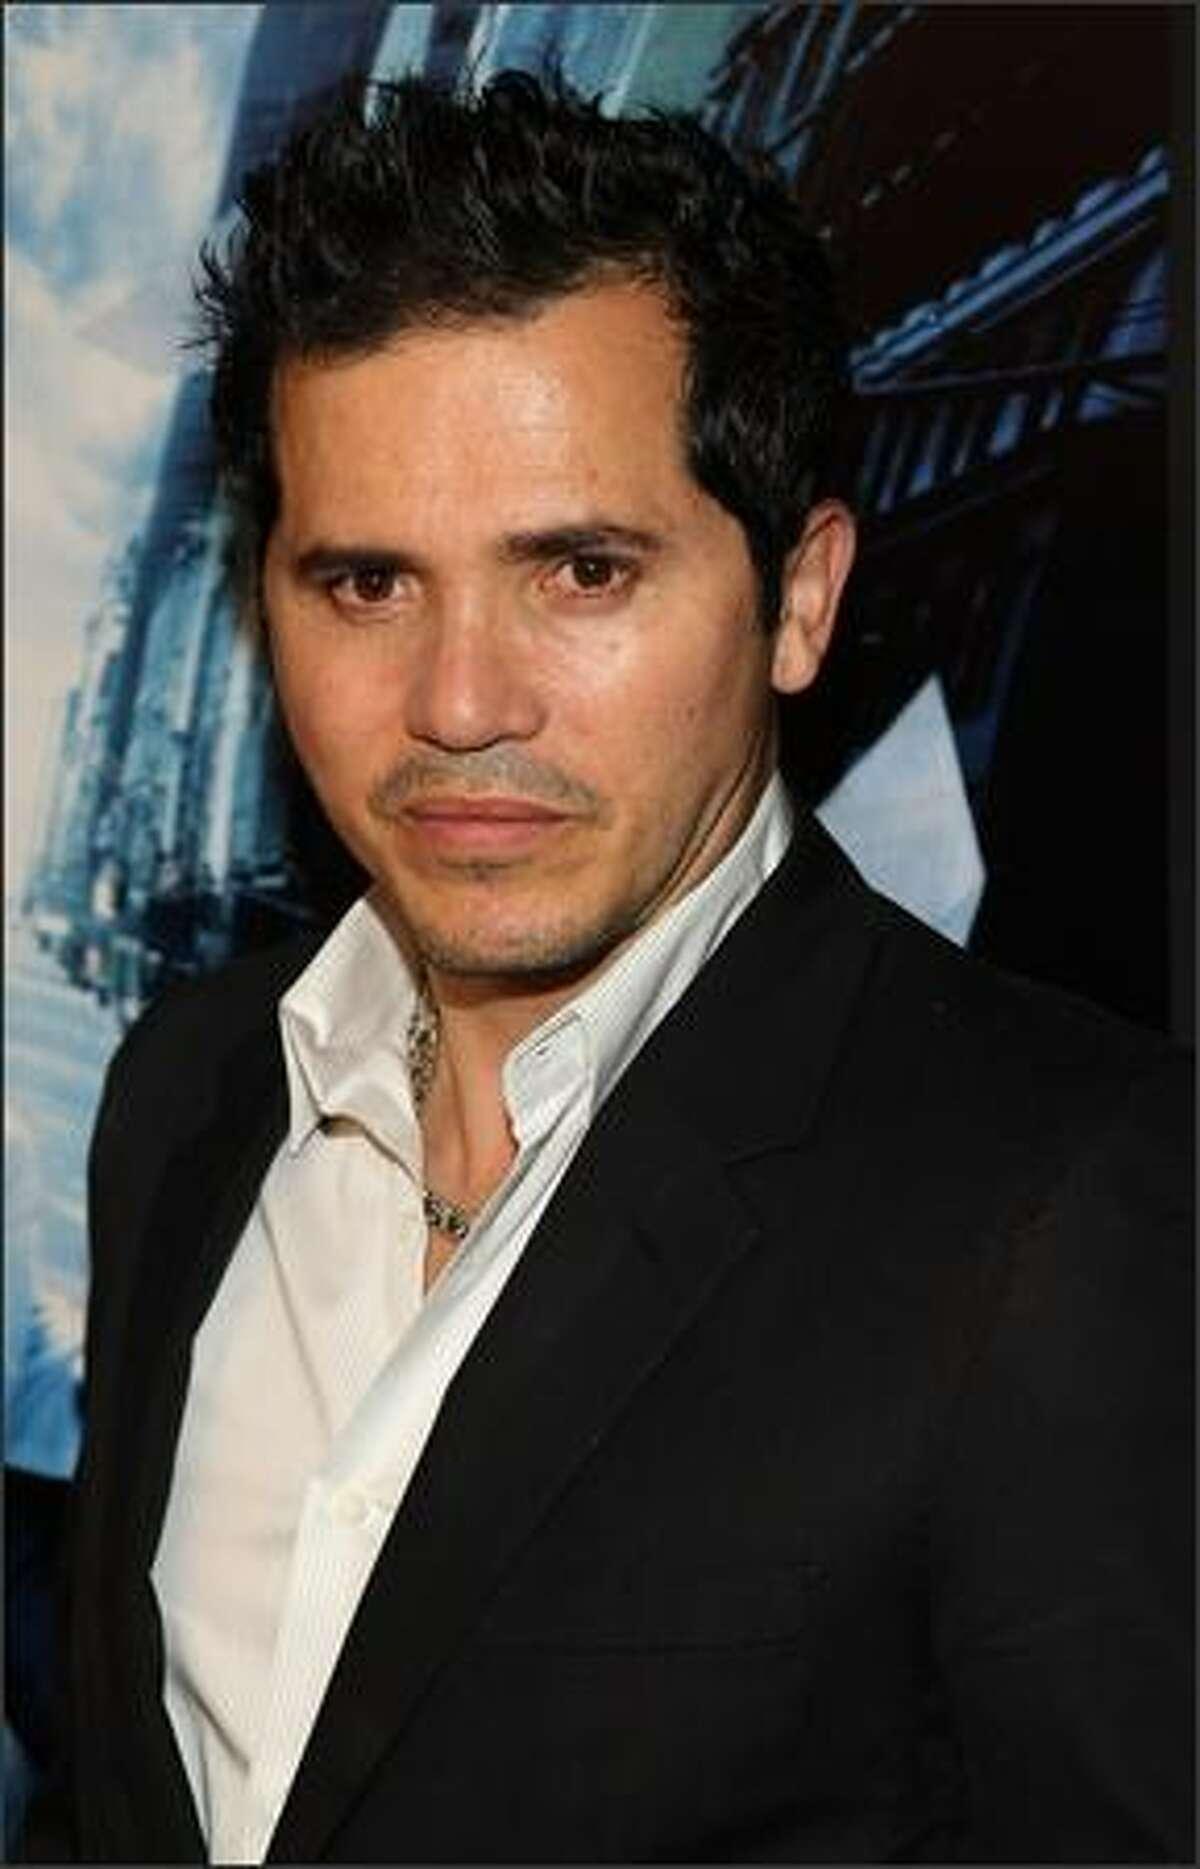 Actor John Leguizamo.